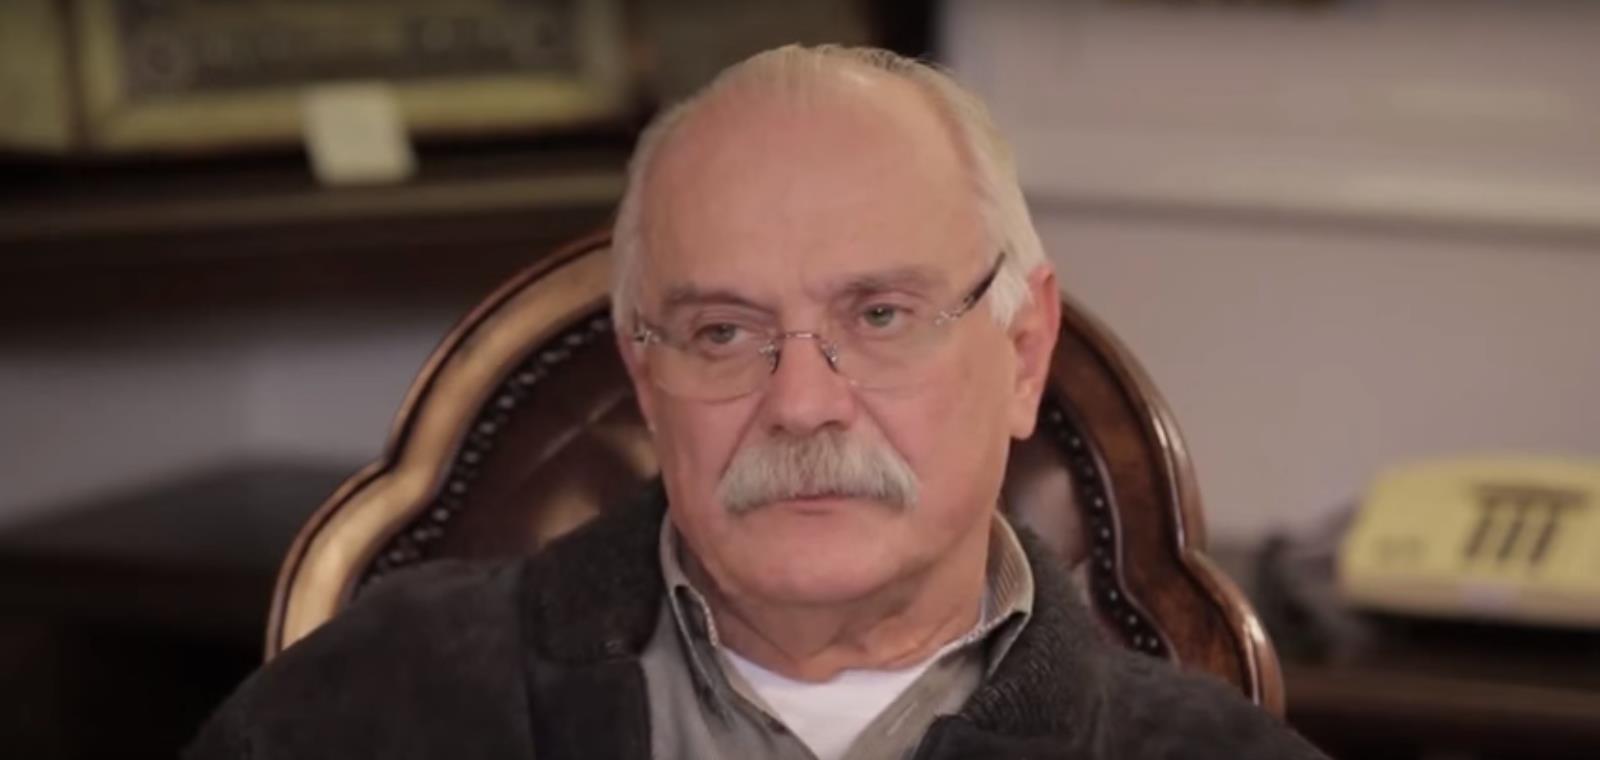 Накануне 70-летний режиссер заявил, что 38-й выпуск «Бесогон ТВ», который должен был выйти в эфир